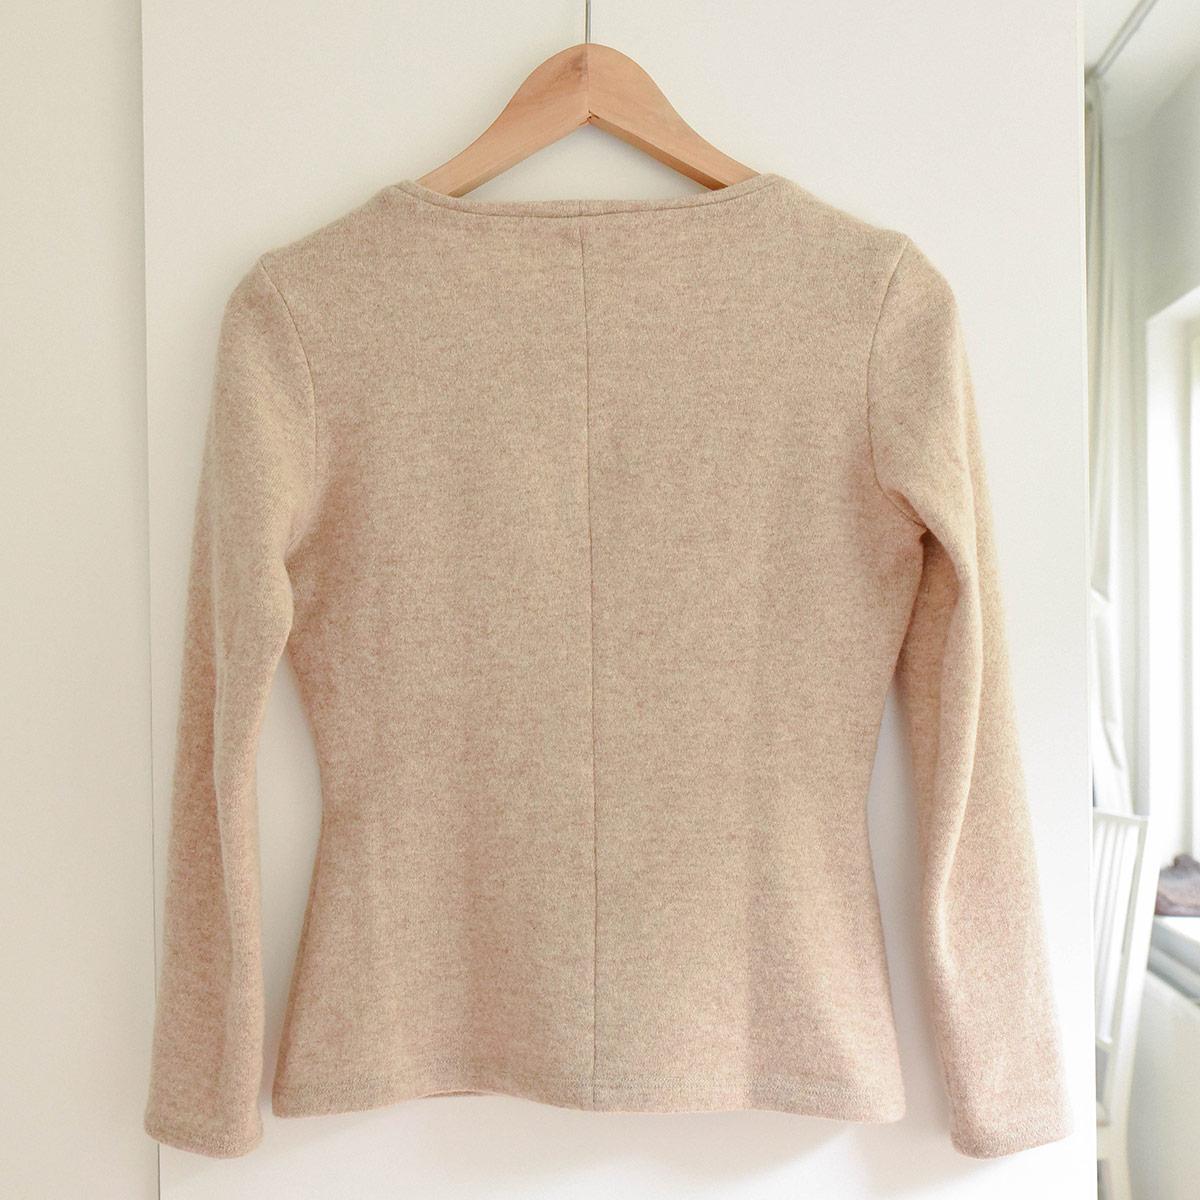 camisola-costura-thepetitecat